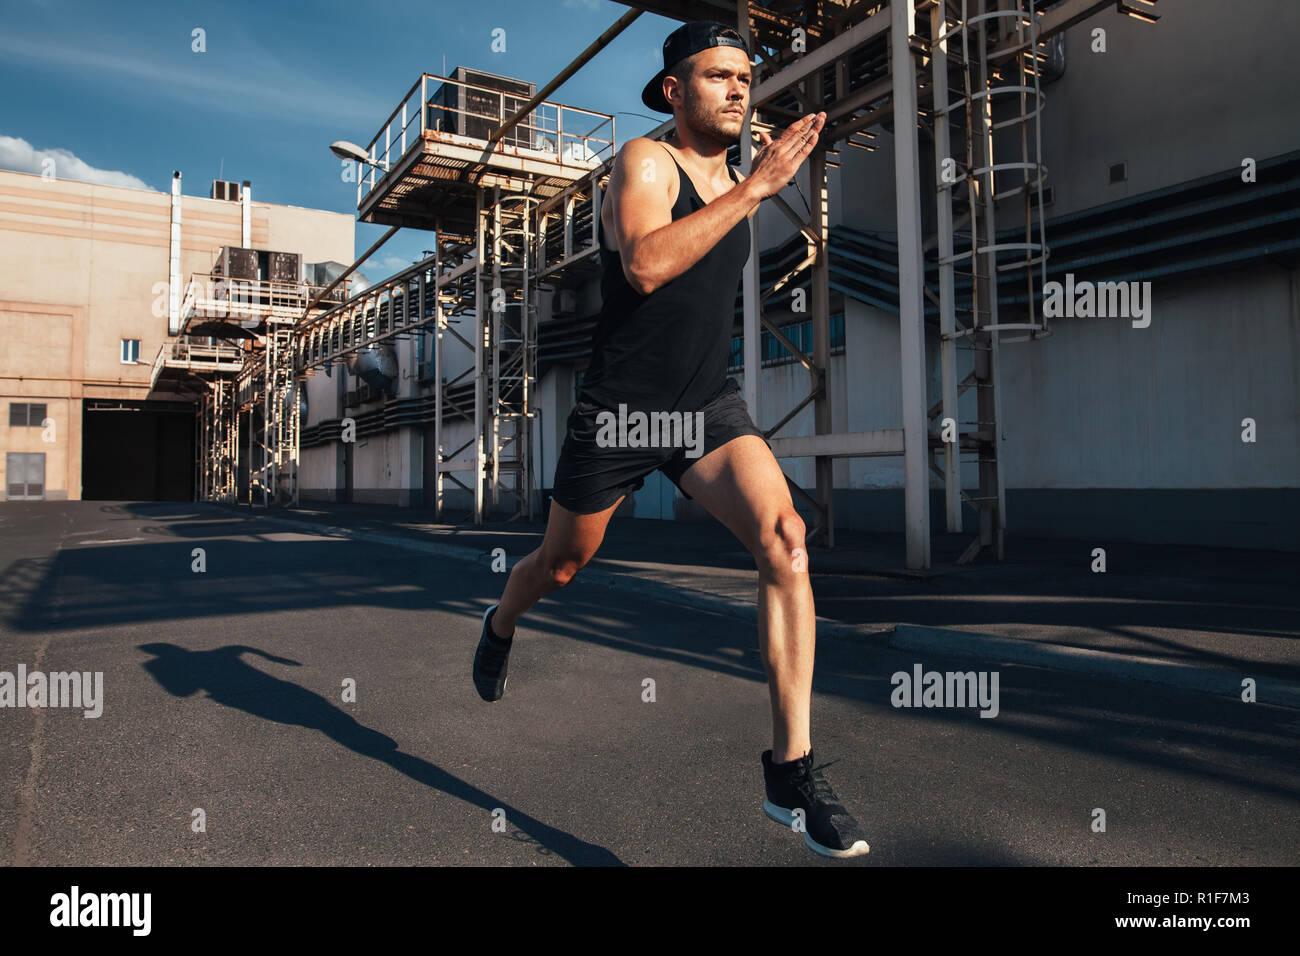 Sportliche Menschen schnell in industrielle Stadt Hintergrund ausgeführt. Sport, Leichtathletik, Fitness, Joggen Aktivität Stockbild